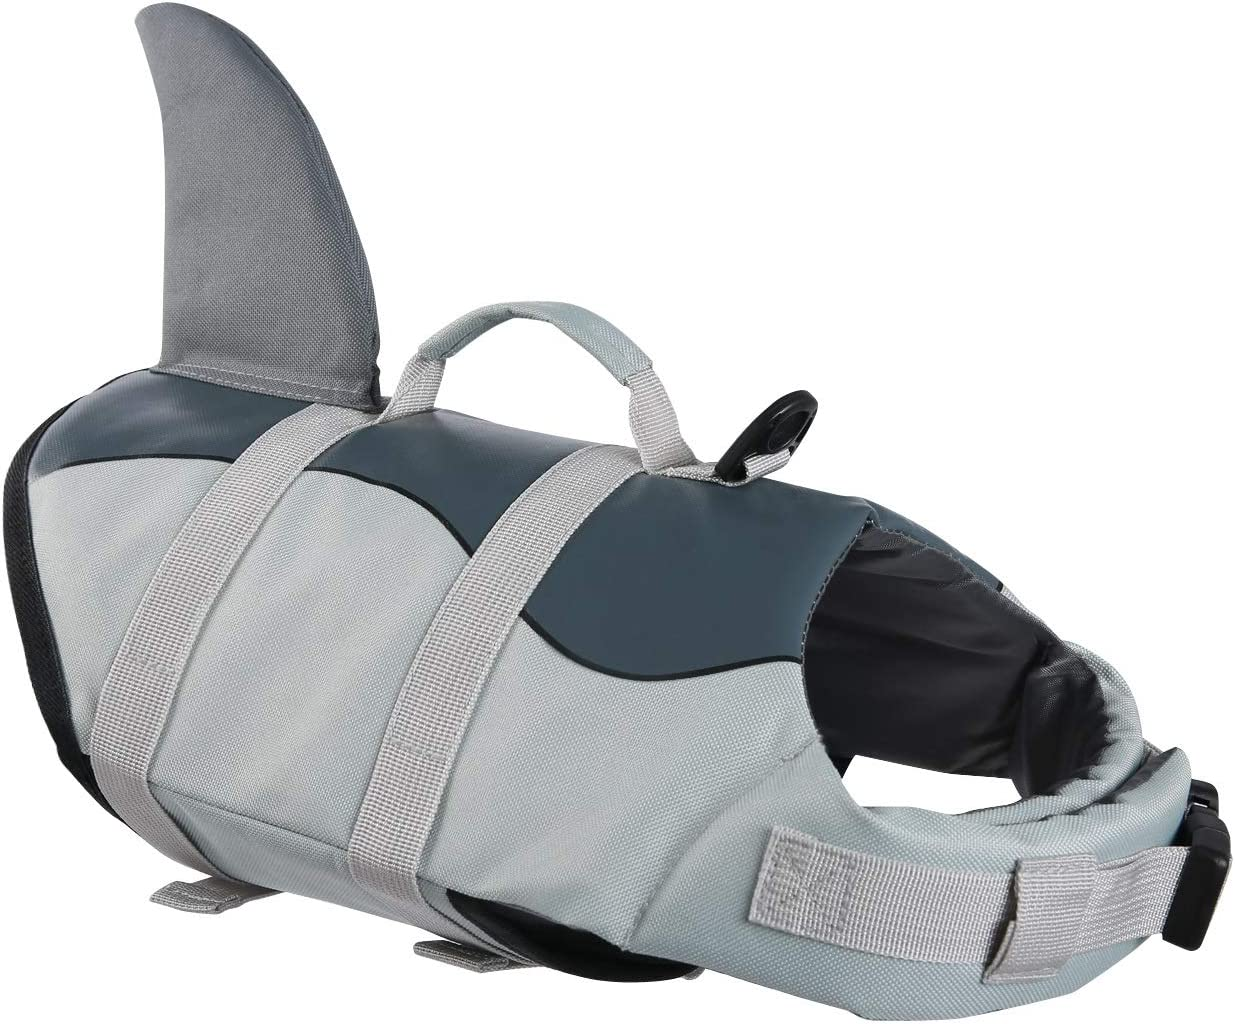 Zuozee Dog Life Jacket, Adjustable Pet Floatation Vest Lifesaver Safety Vest Life Preserver for Small Medium Large Dogs